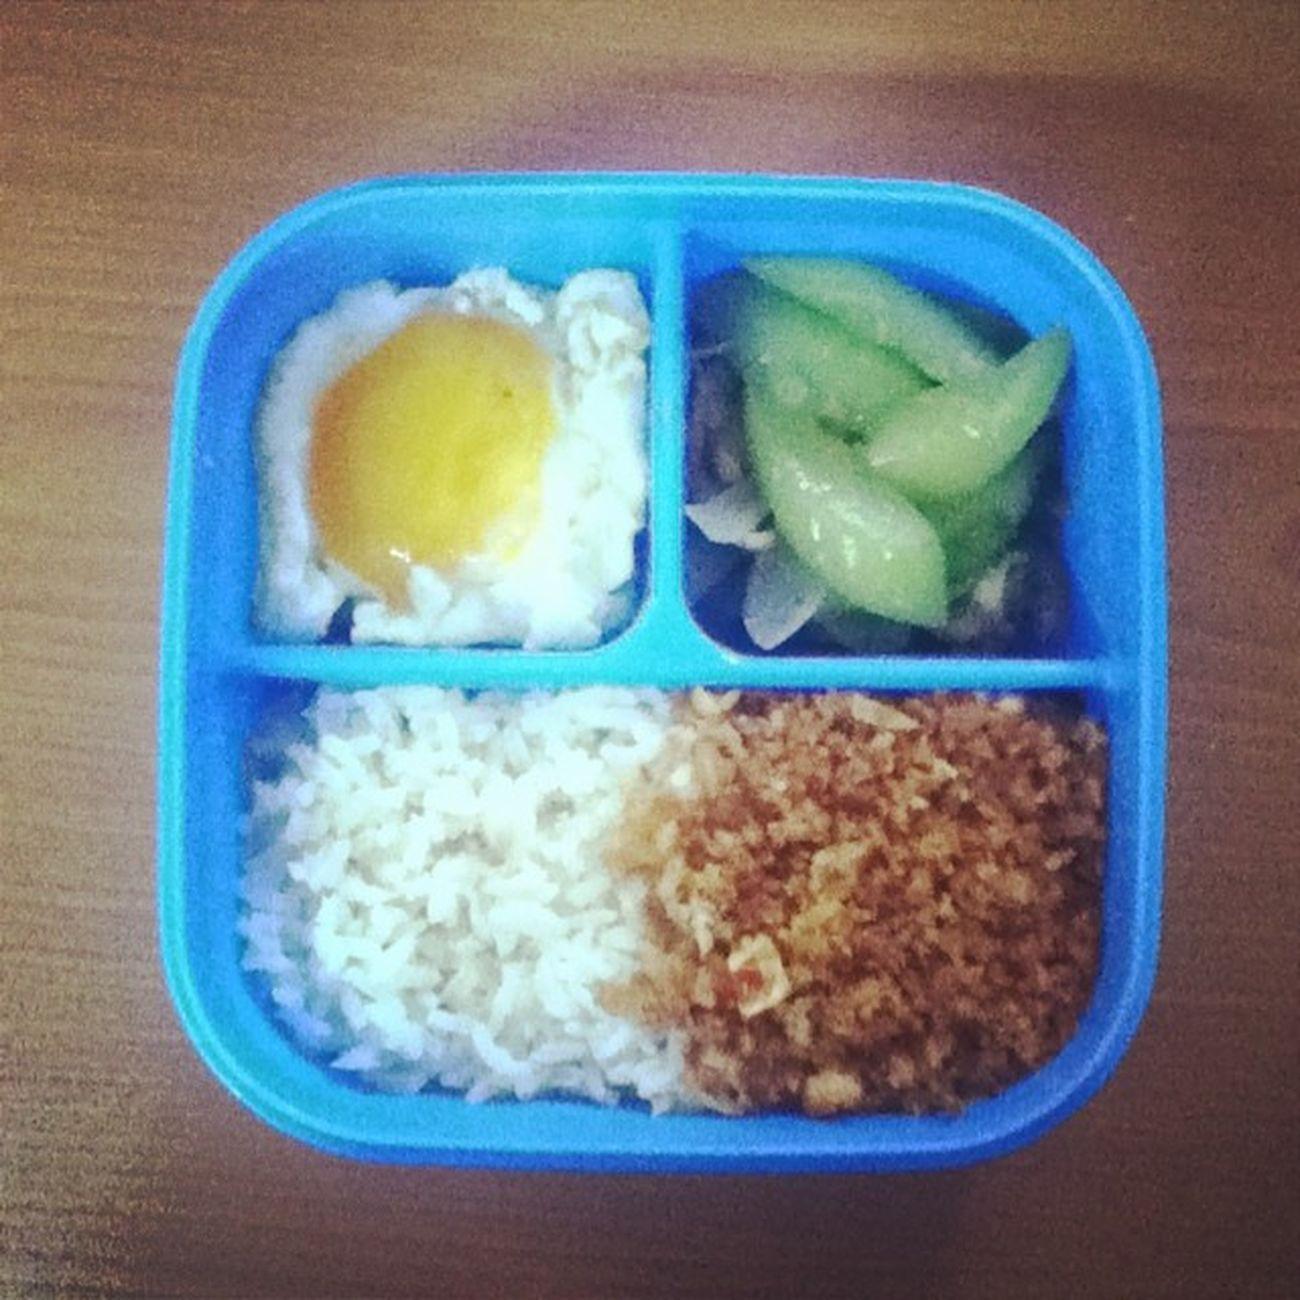 มื้อเช้าเปงมื้อสำคัญ กินซะ